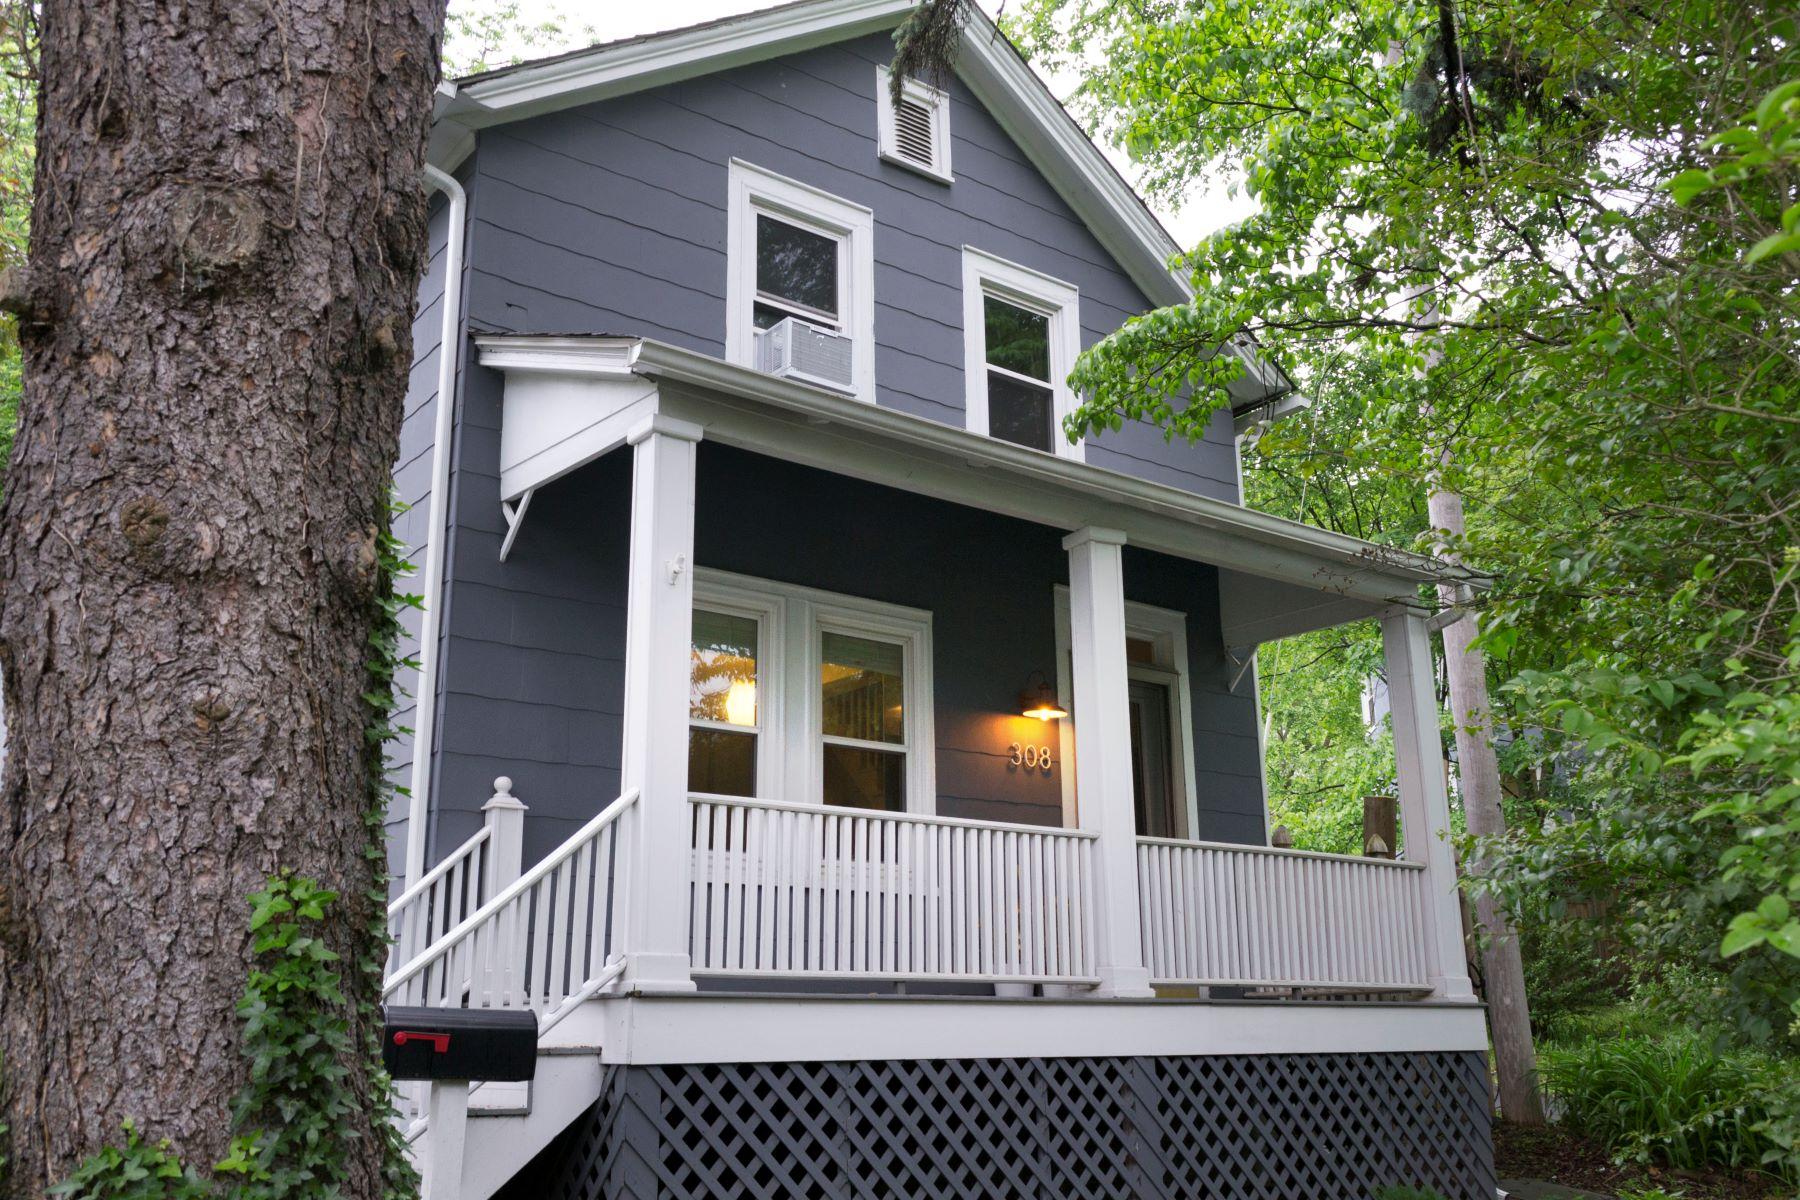 Casa Unifamiliar por un Venta en Picture Perfect Village Colonial - Sale Pending 308 North Highland Avenue Nyack, Nueva York 10960 Estados Unidos